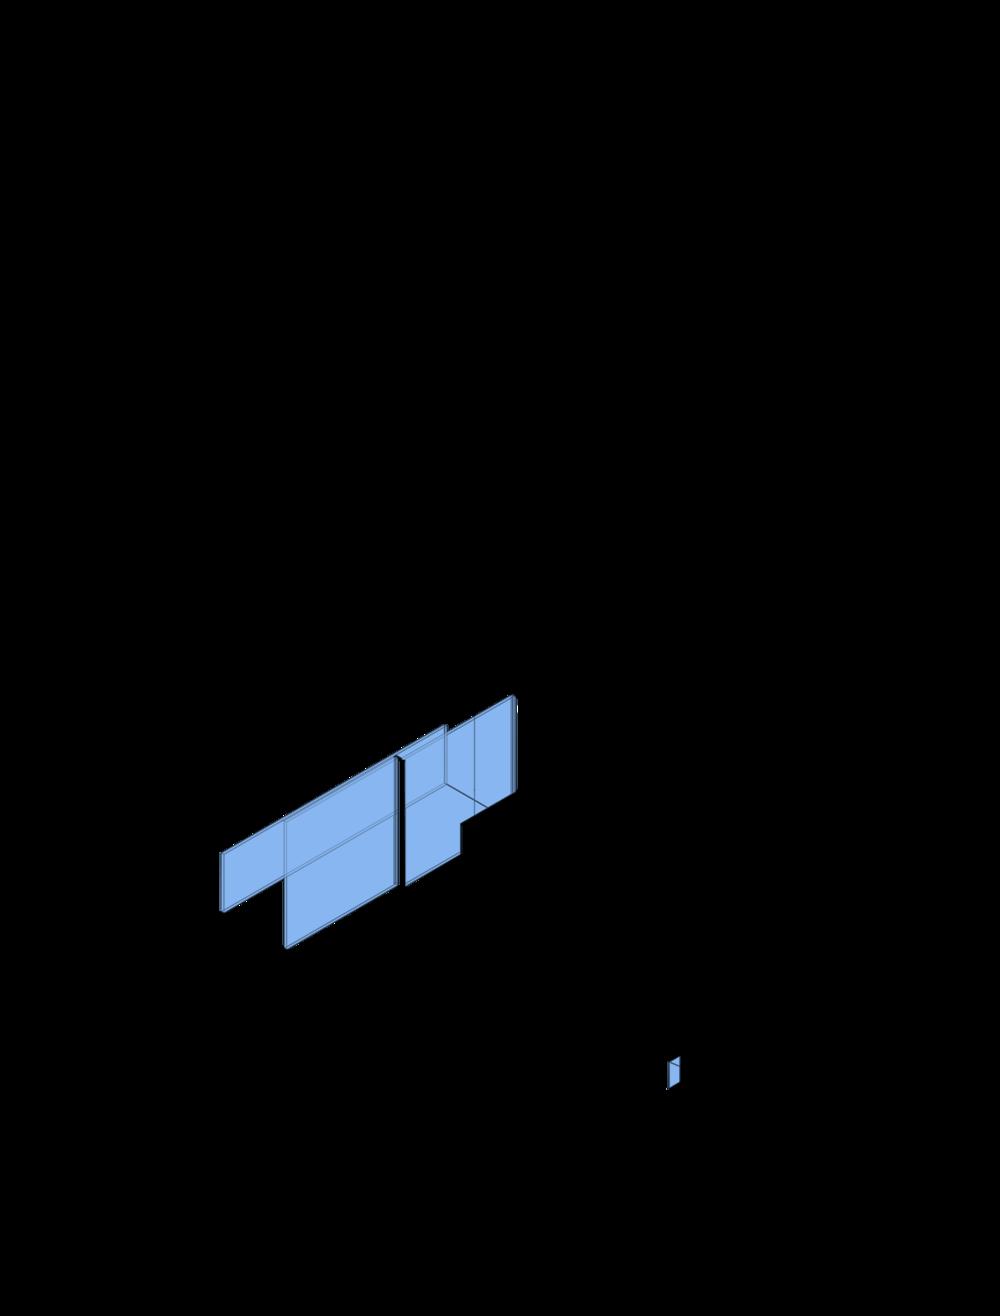 4. Apartment Isometrics